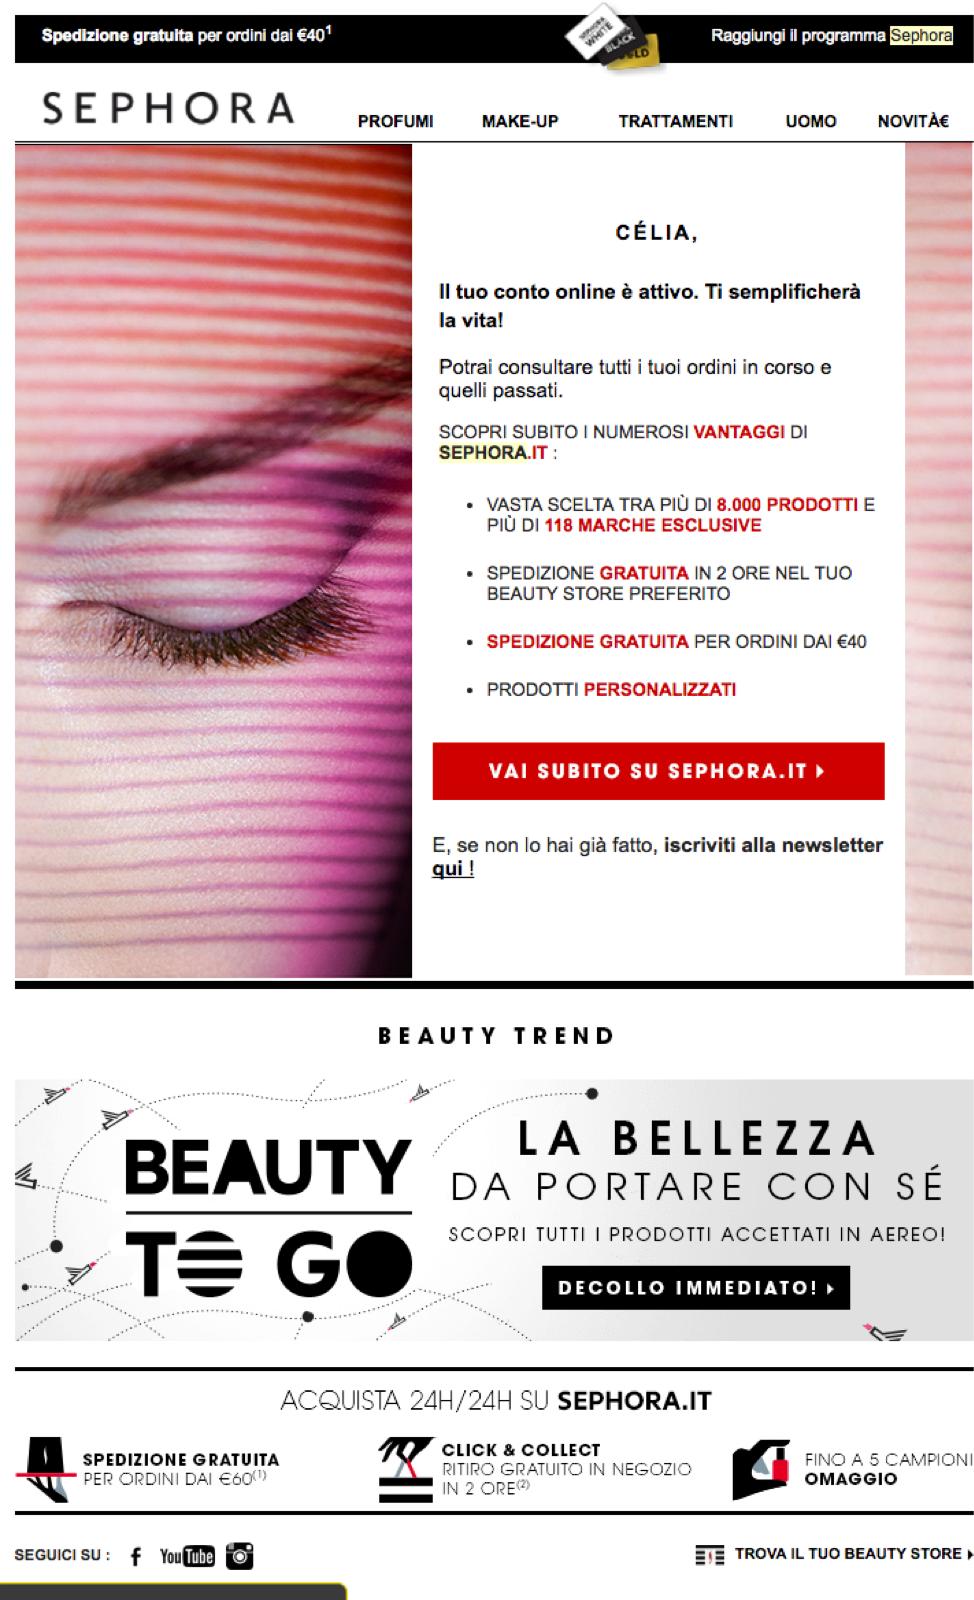 Email di benvenuto di Sephora in italiano